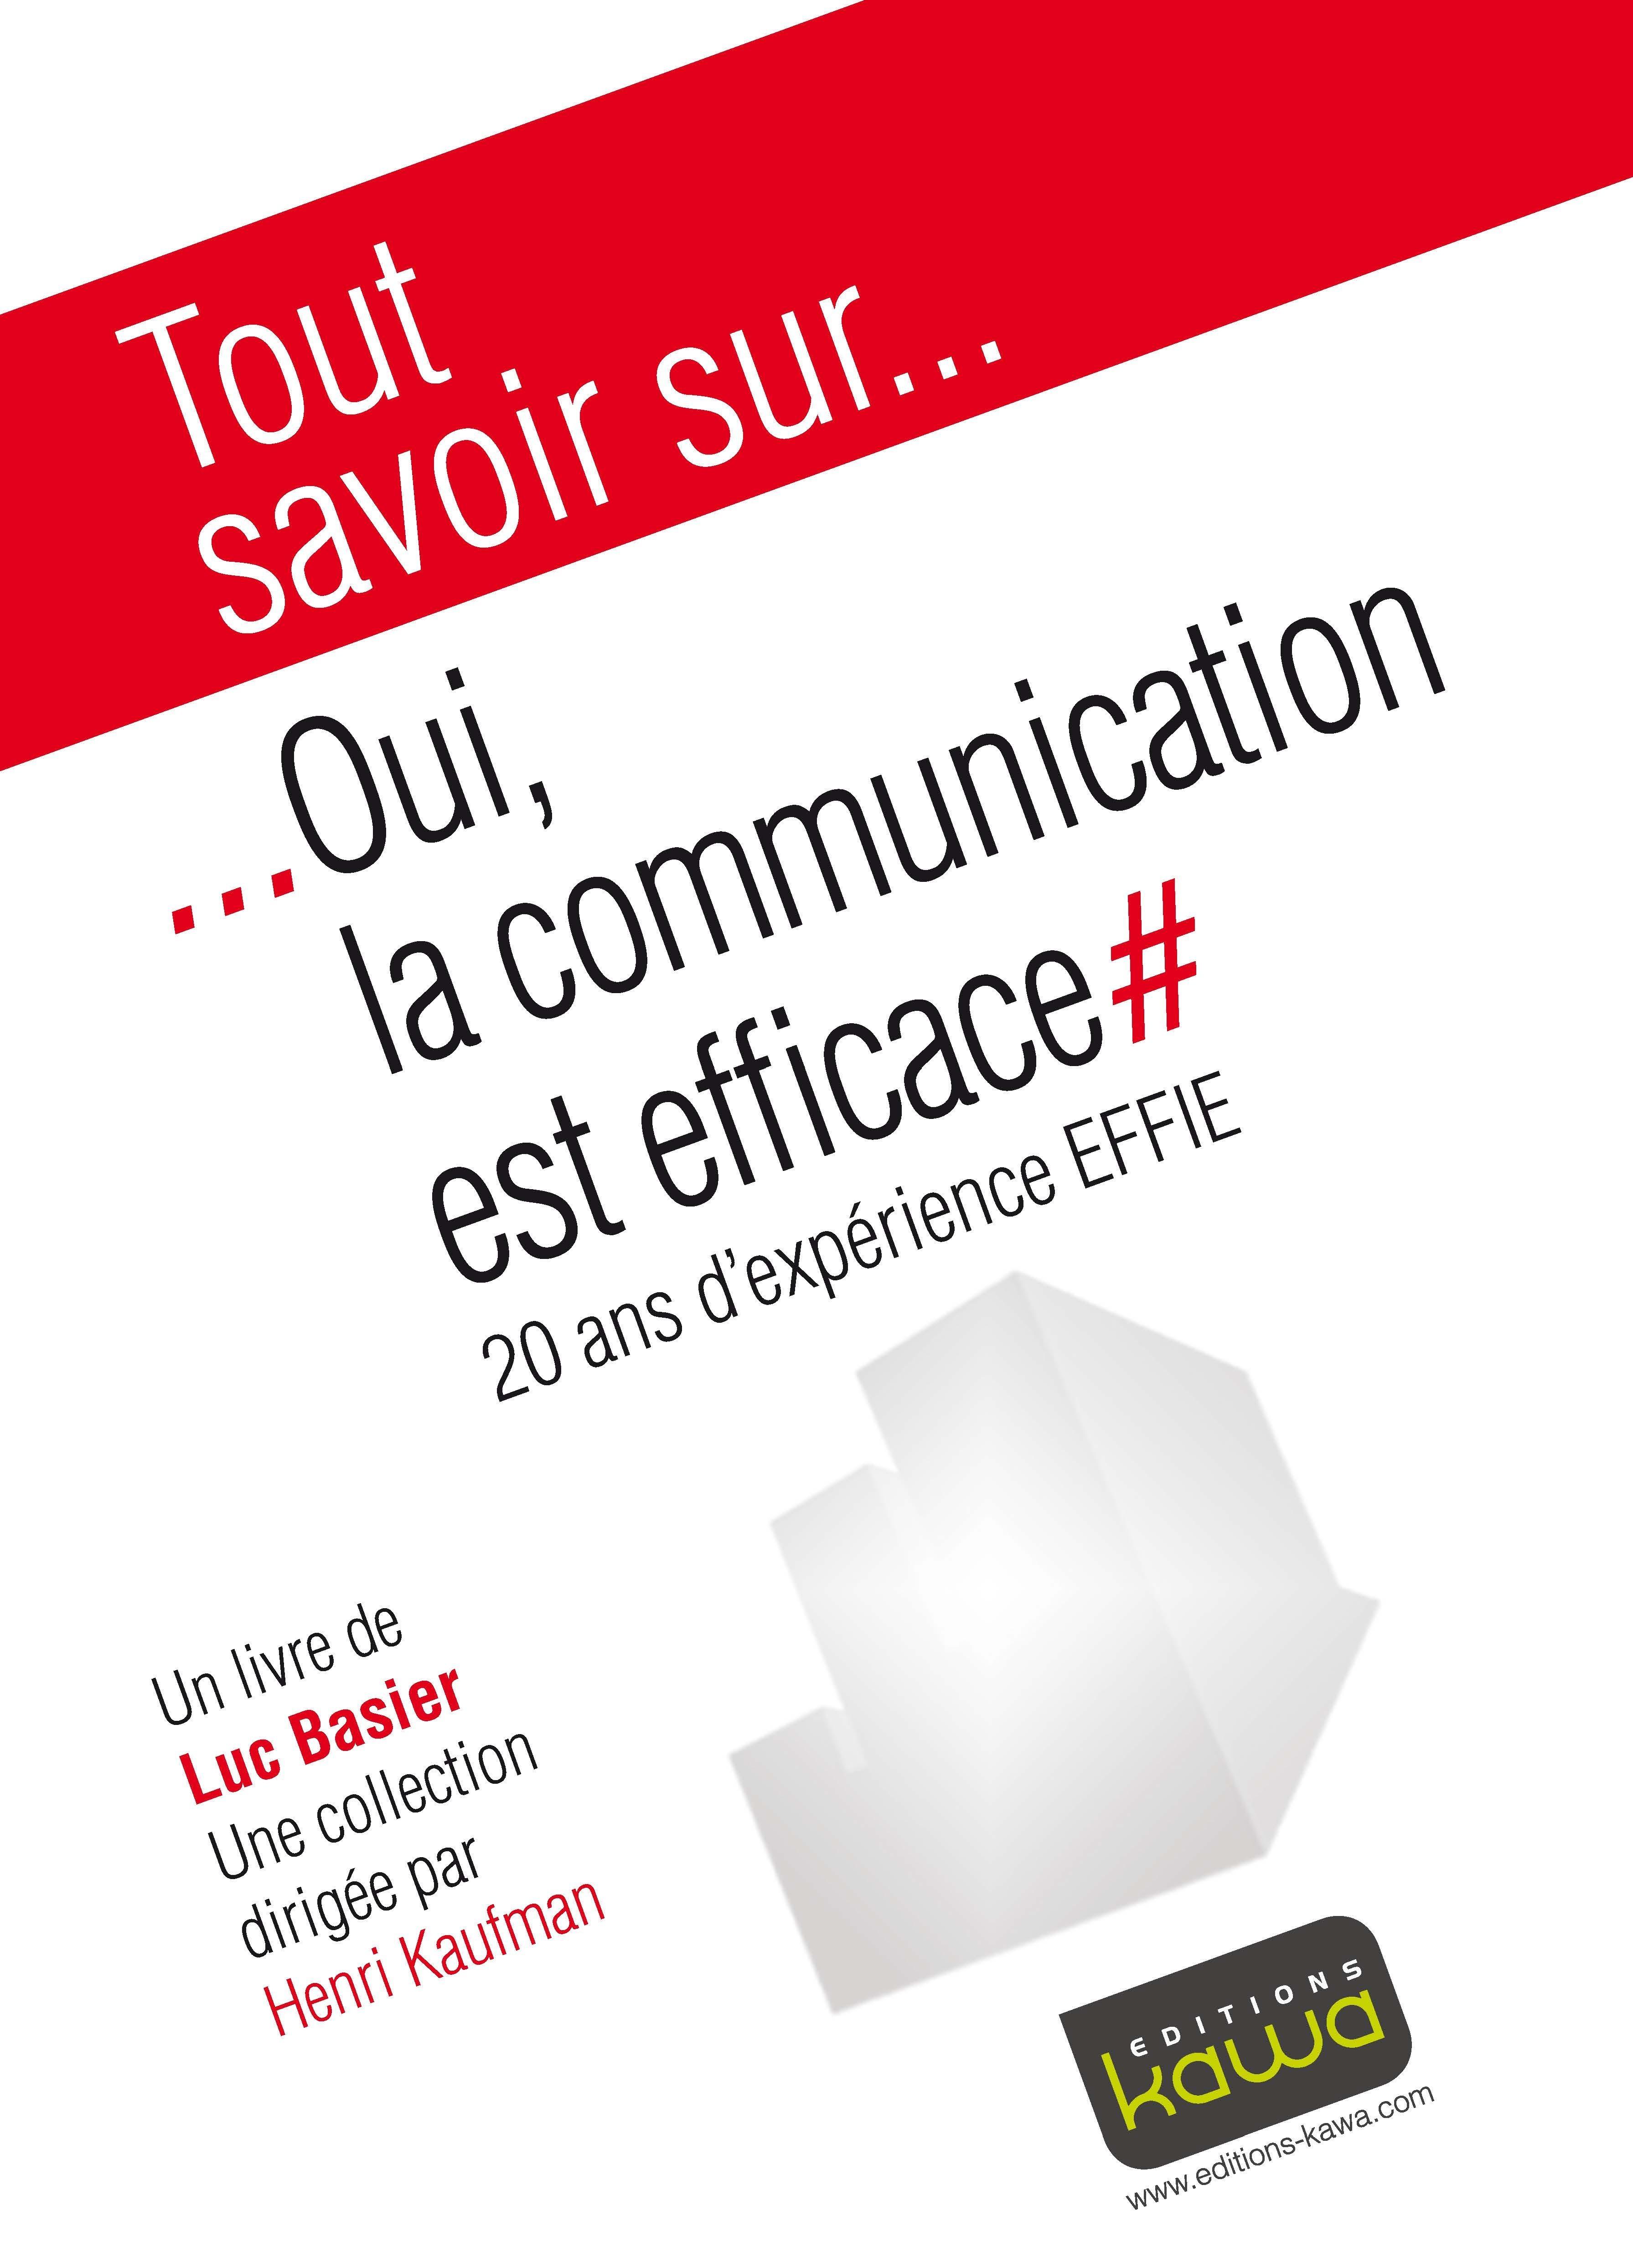 Tout savoir sur... ; oui, la communication est efficace ; 20 ans d'expérience effie-aacc, uda, effie